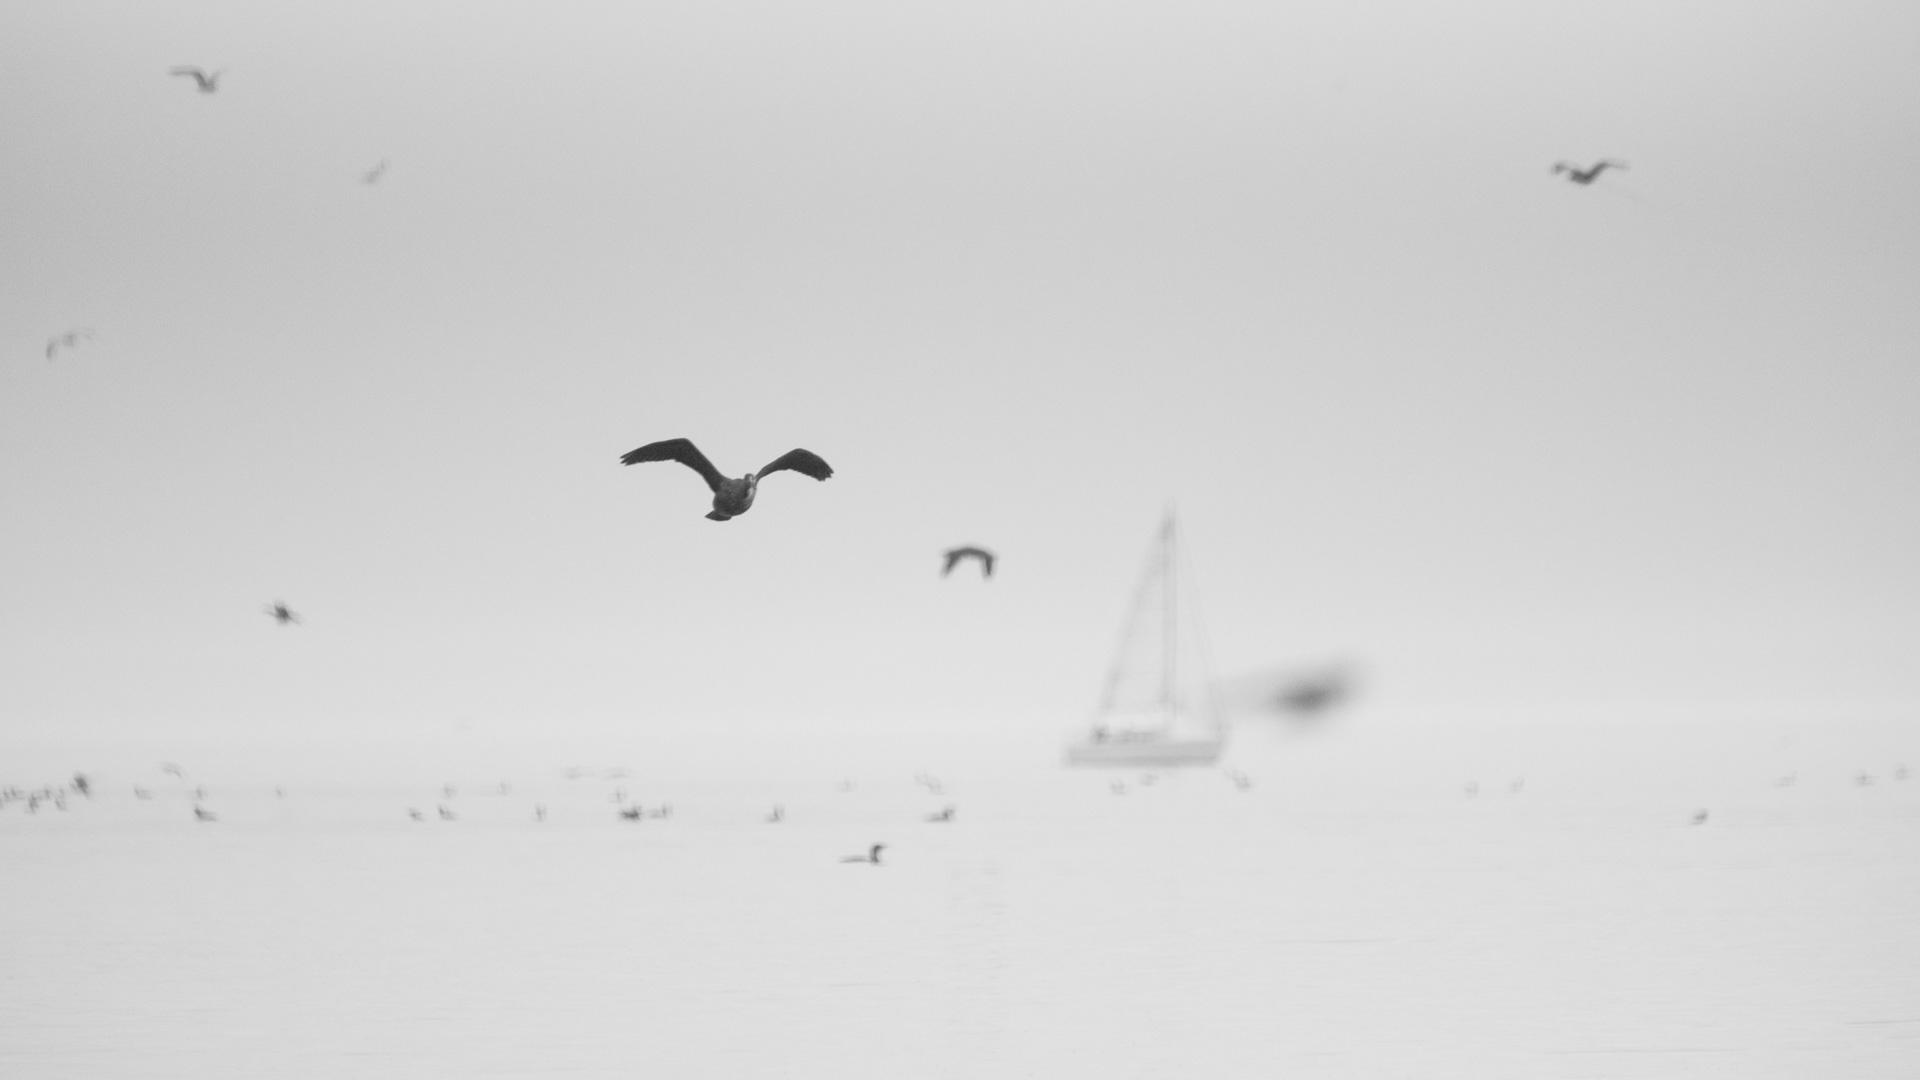 萌宠动物,小鸟天地,海鸥,国风,帆船,朦胧